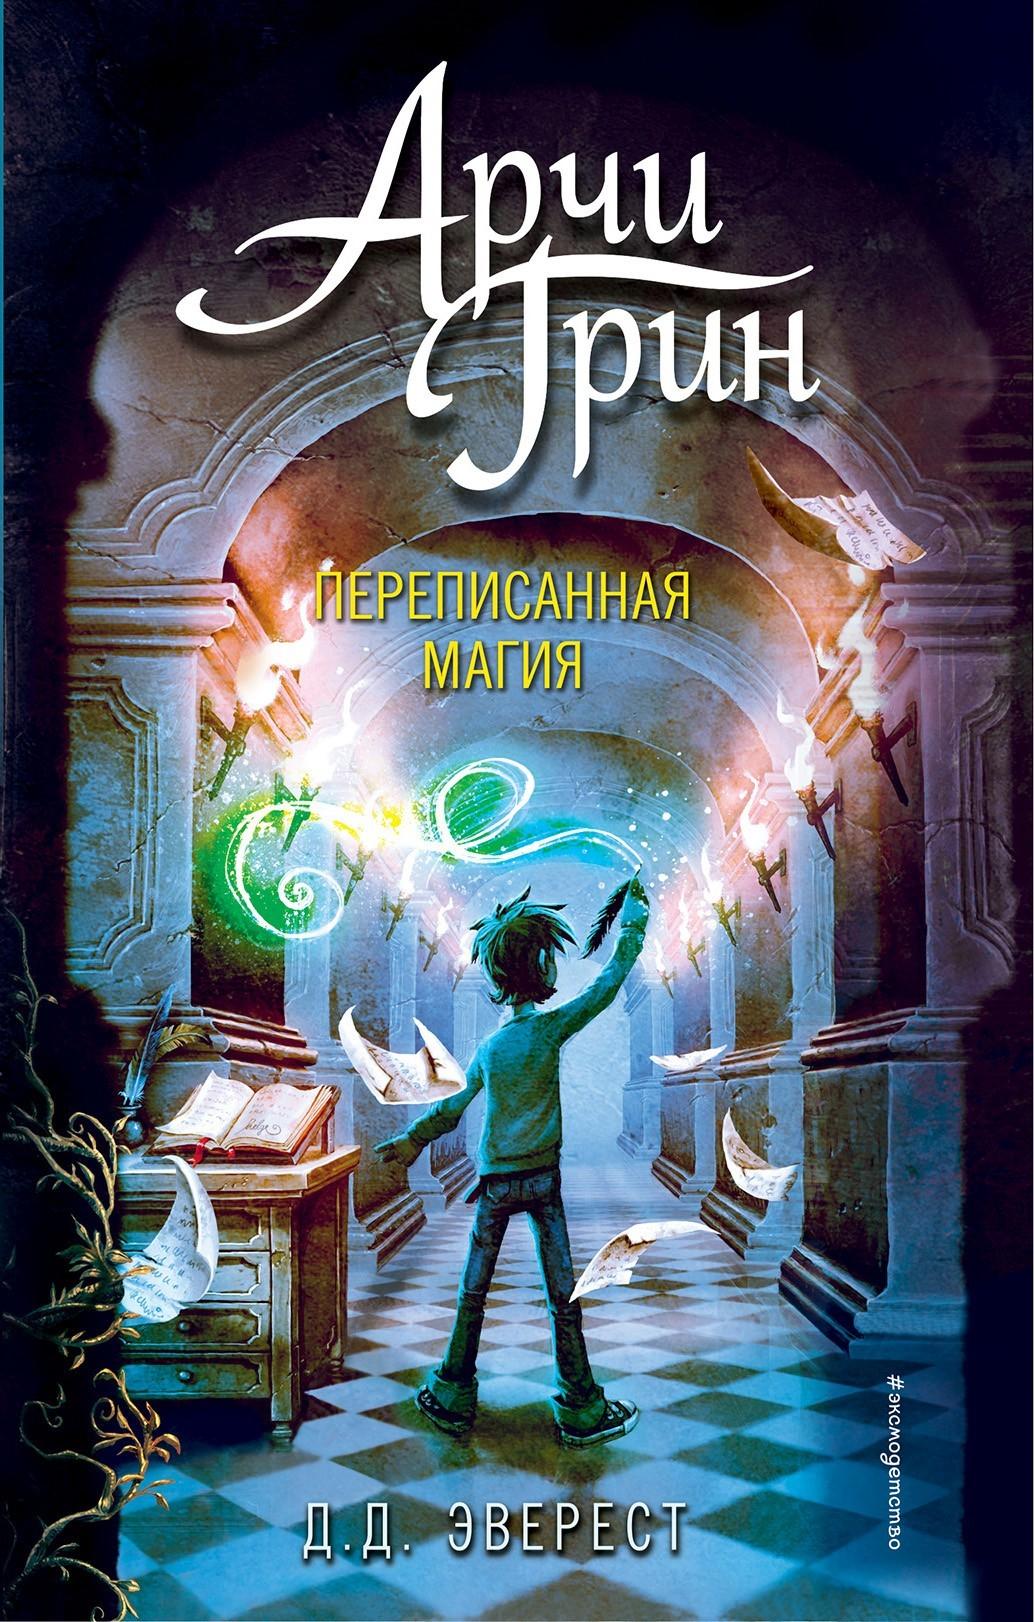 Арчи Грин и переписанная магия